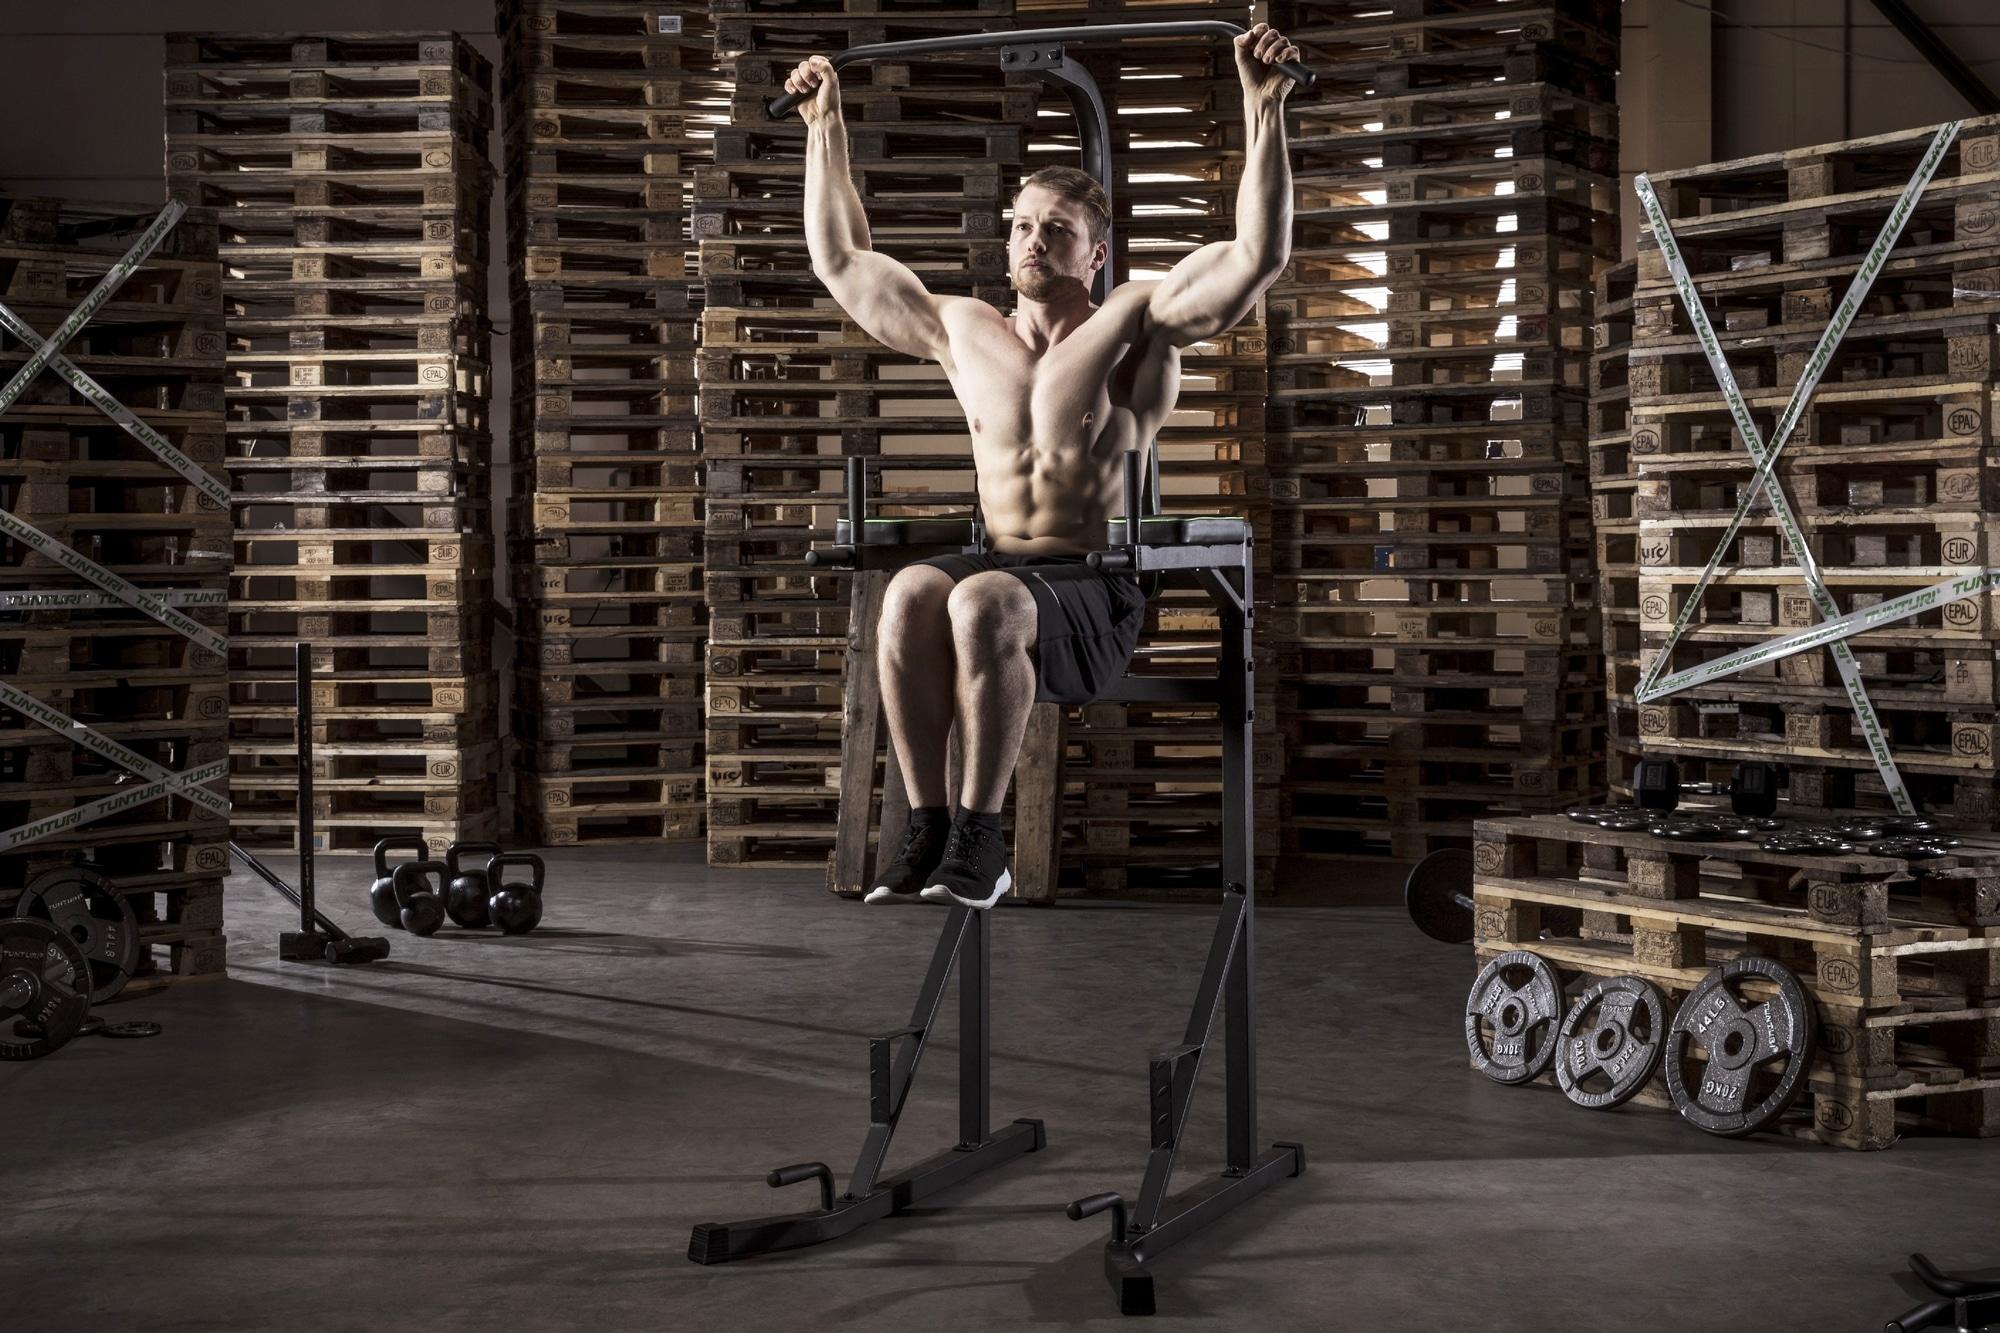 Top Romaine Des Une Muscler Exercices Pour Chaise 10 Se Avec QdrCxtBohs